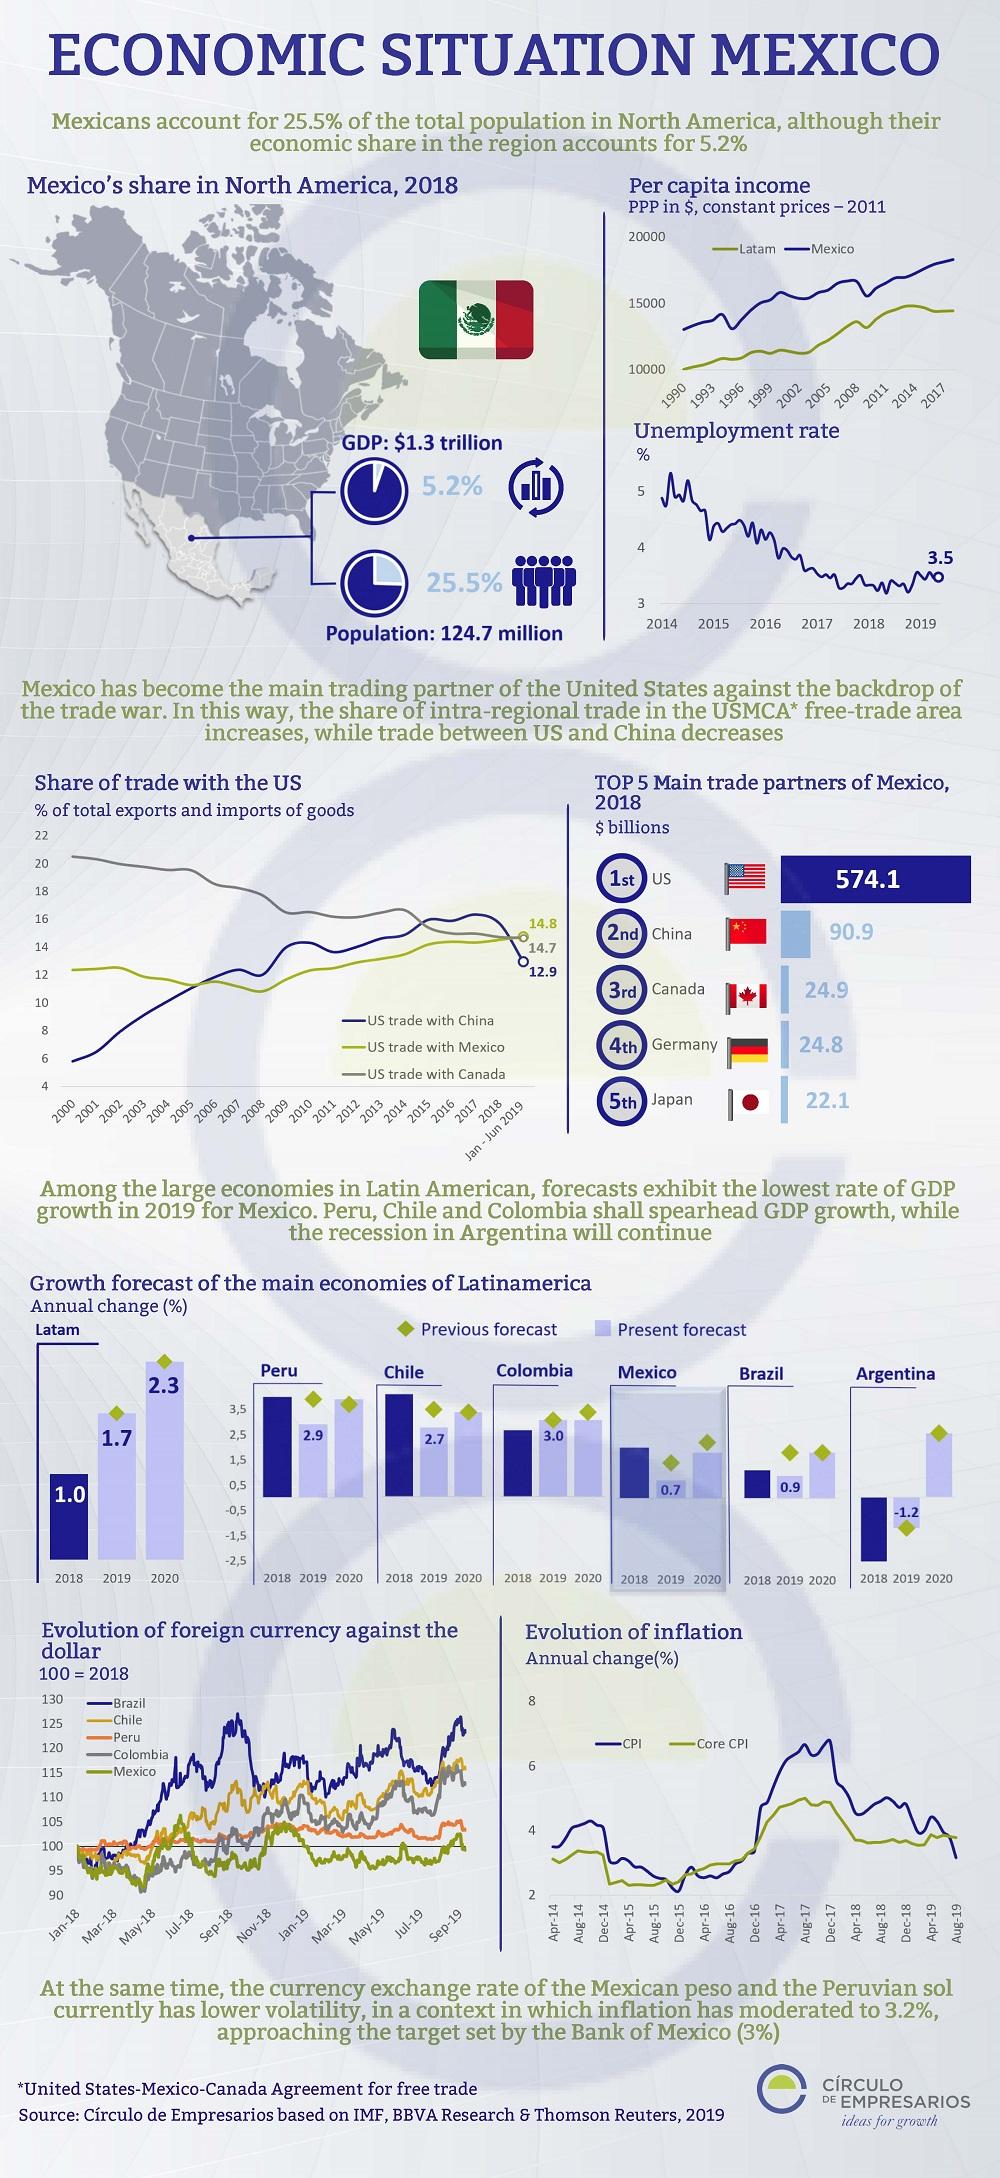 Economic-Situation-Mexico-September-2019-Circulo-de-Empresarios Infographic